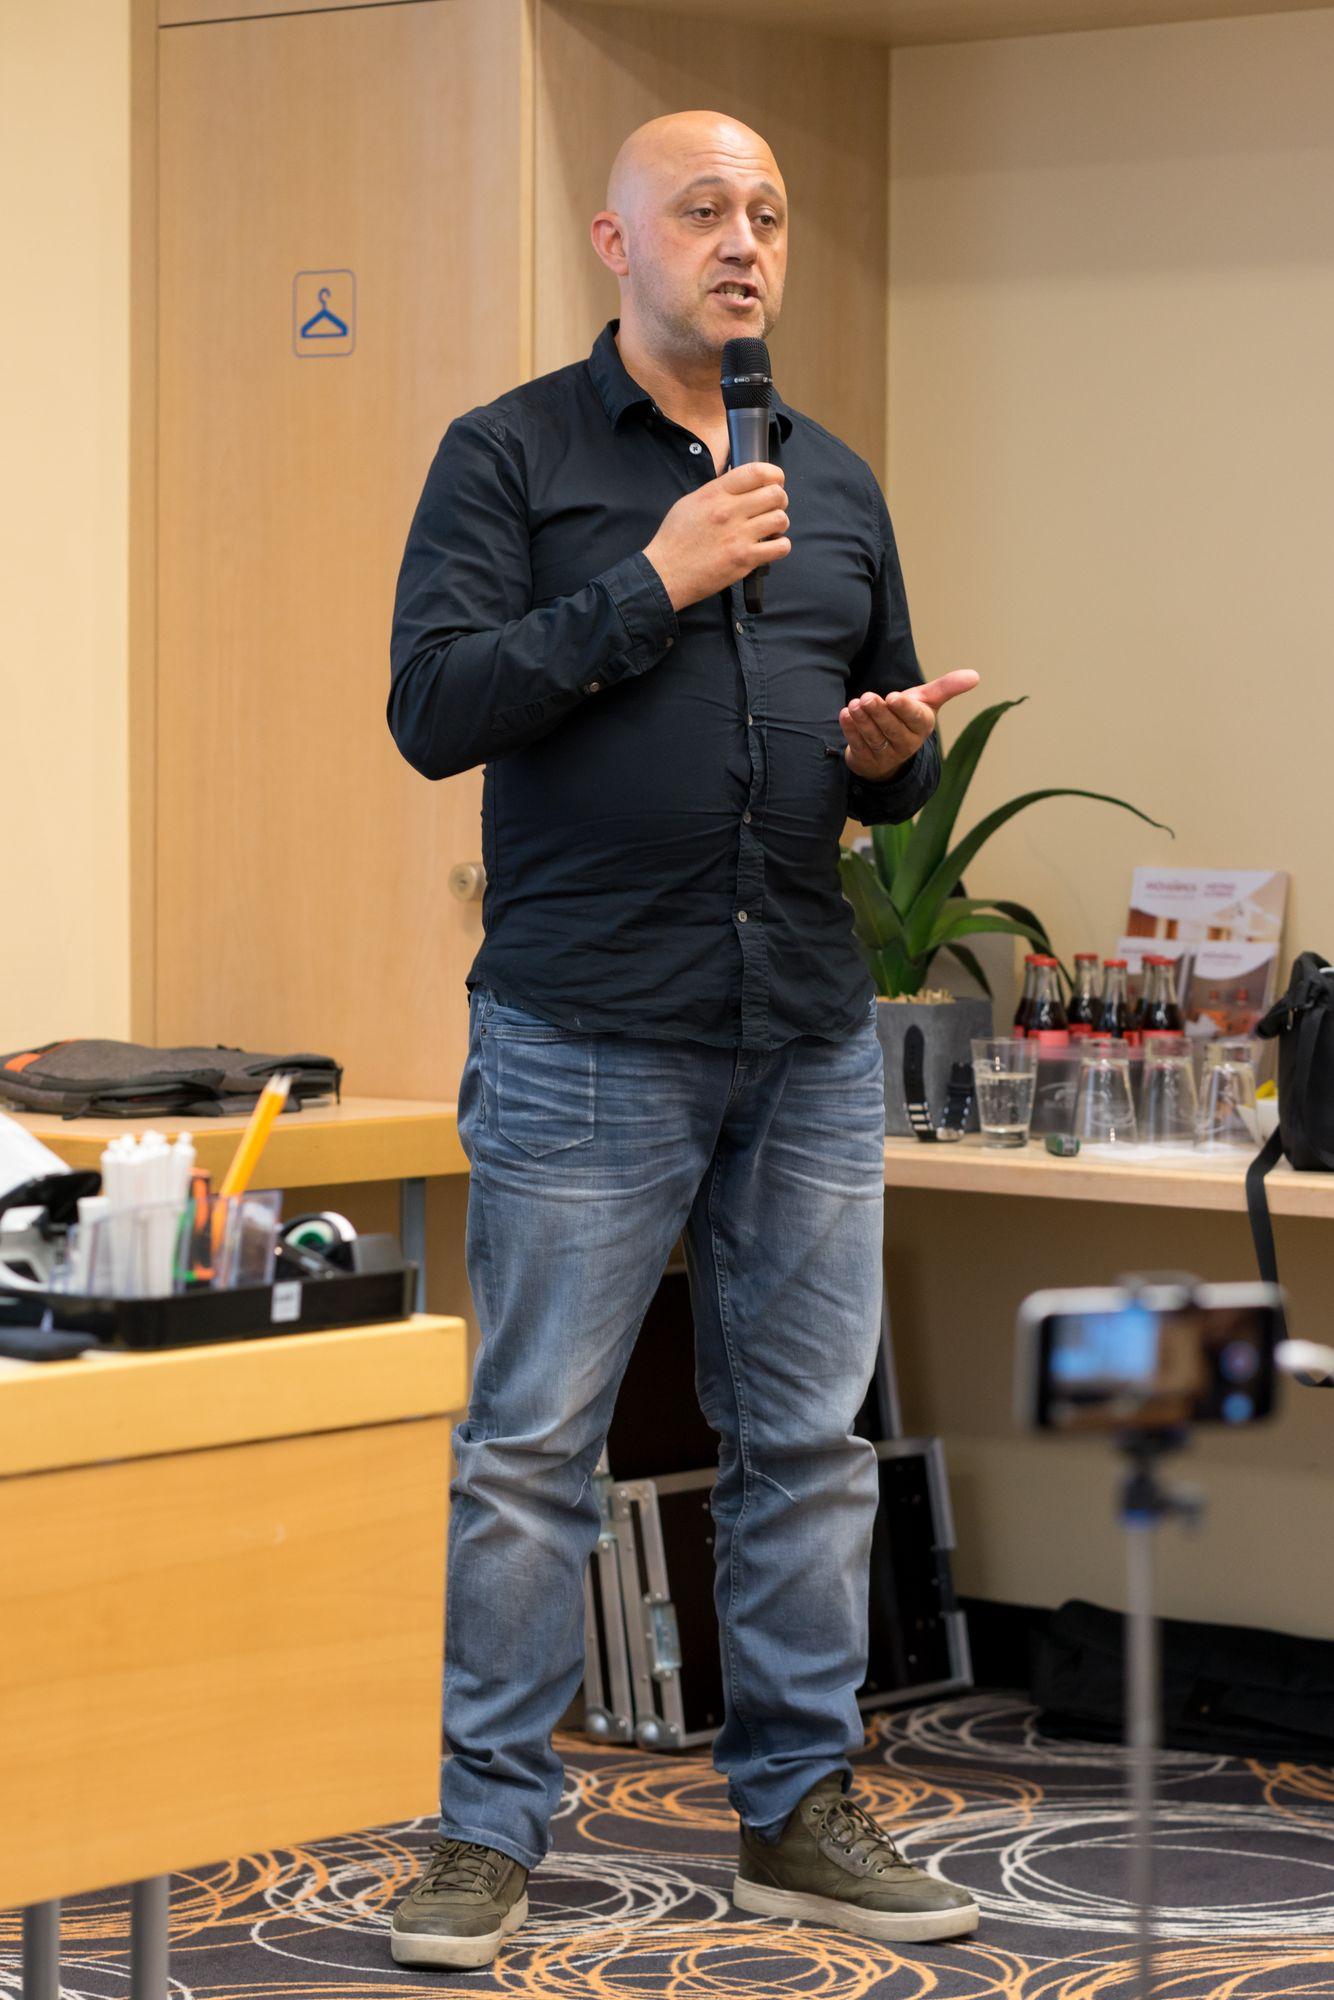 Wassili Birbilis als Sprecher auf dem Builderall Everest 2018 in Nürnberg (Germany)